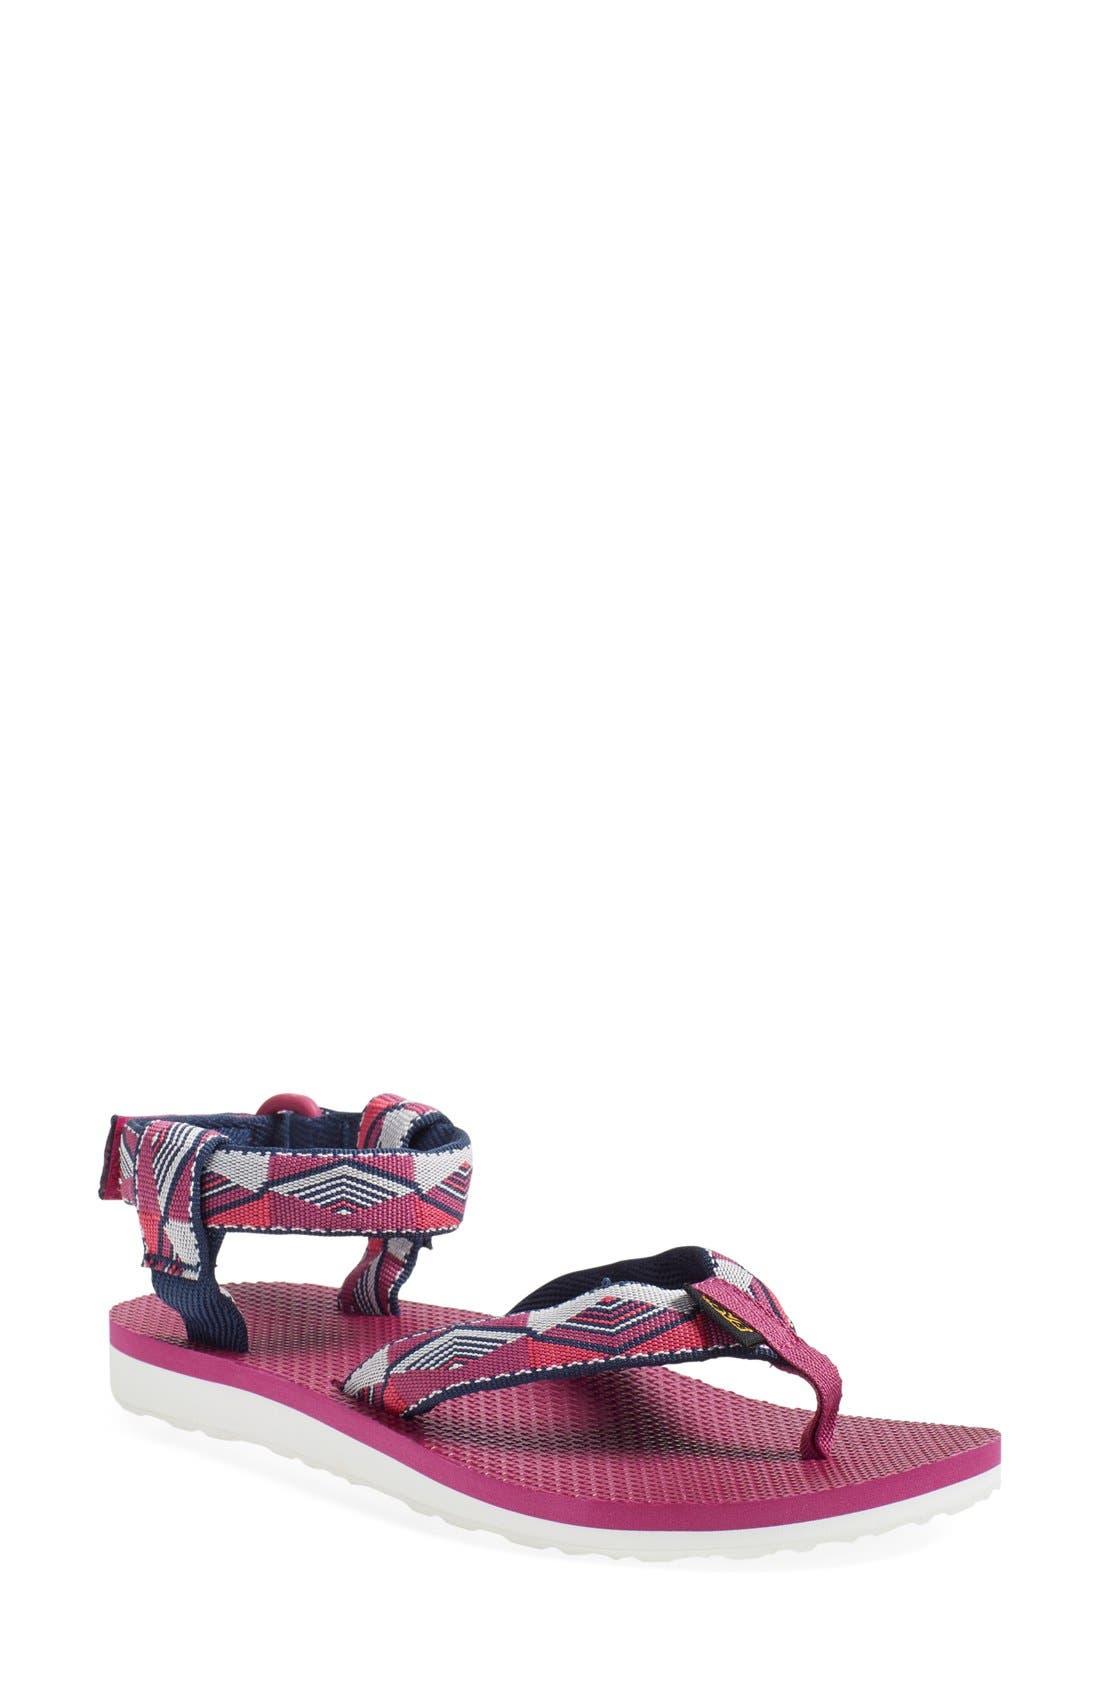 Alternate Image 1 Selected - Teva Original Sport Sandal